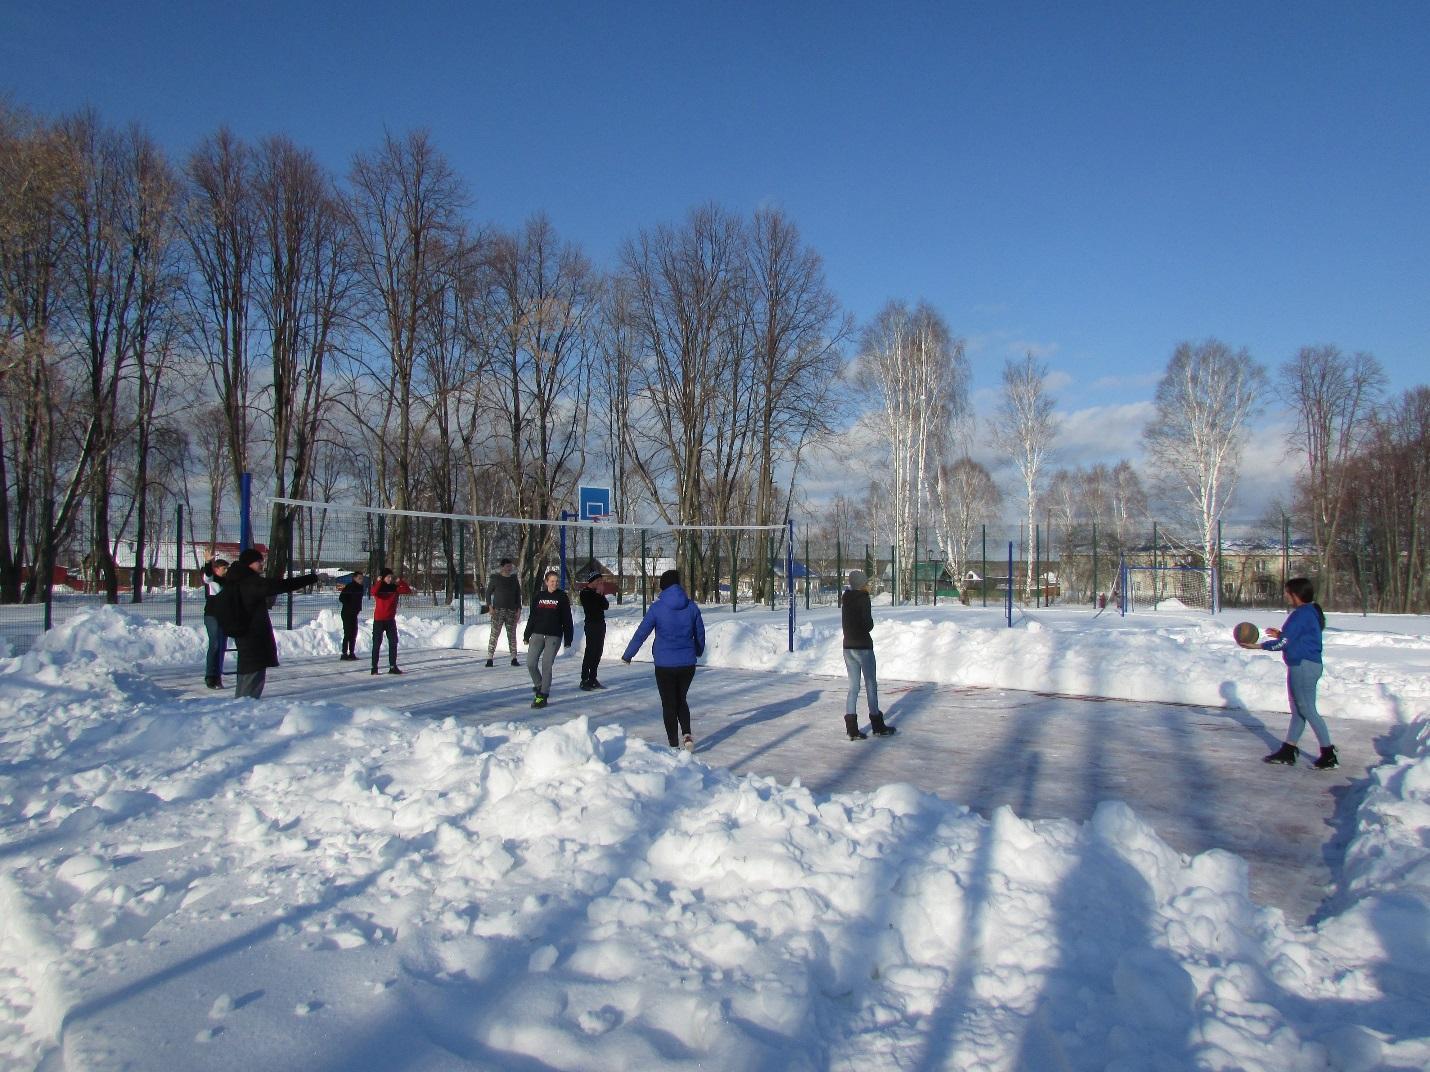 C:\Users\пу16\Desktop\2019-2020 учебный год\Фото\Волейбол на снегу\IMG_6612.JPG